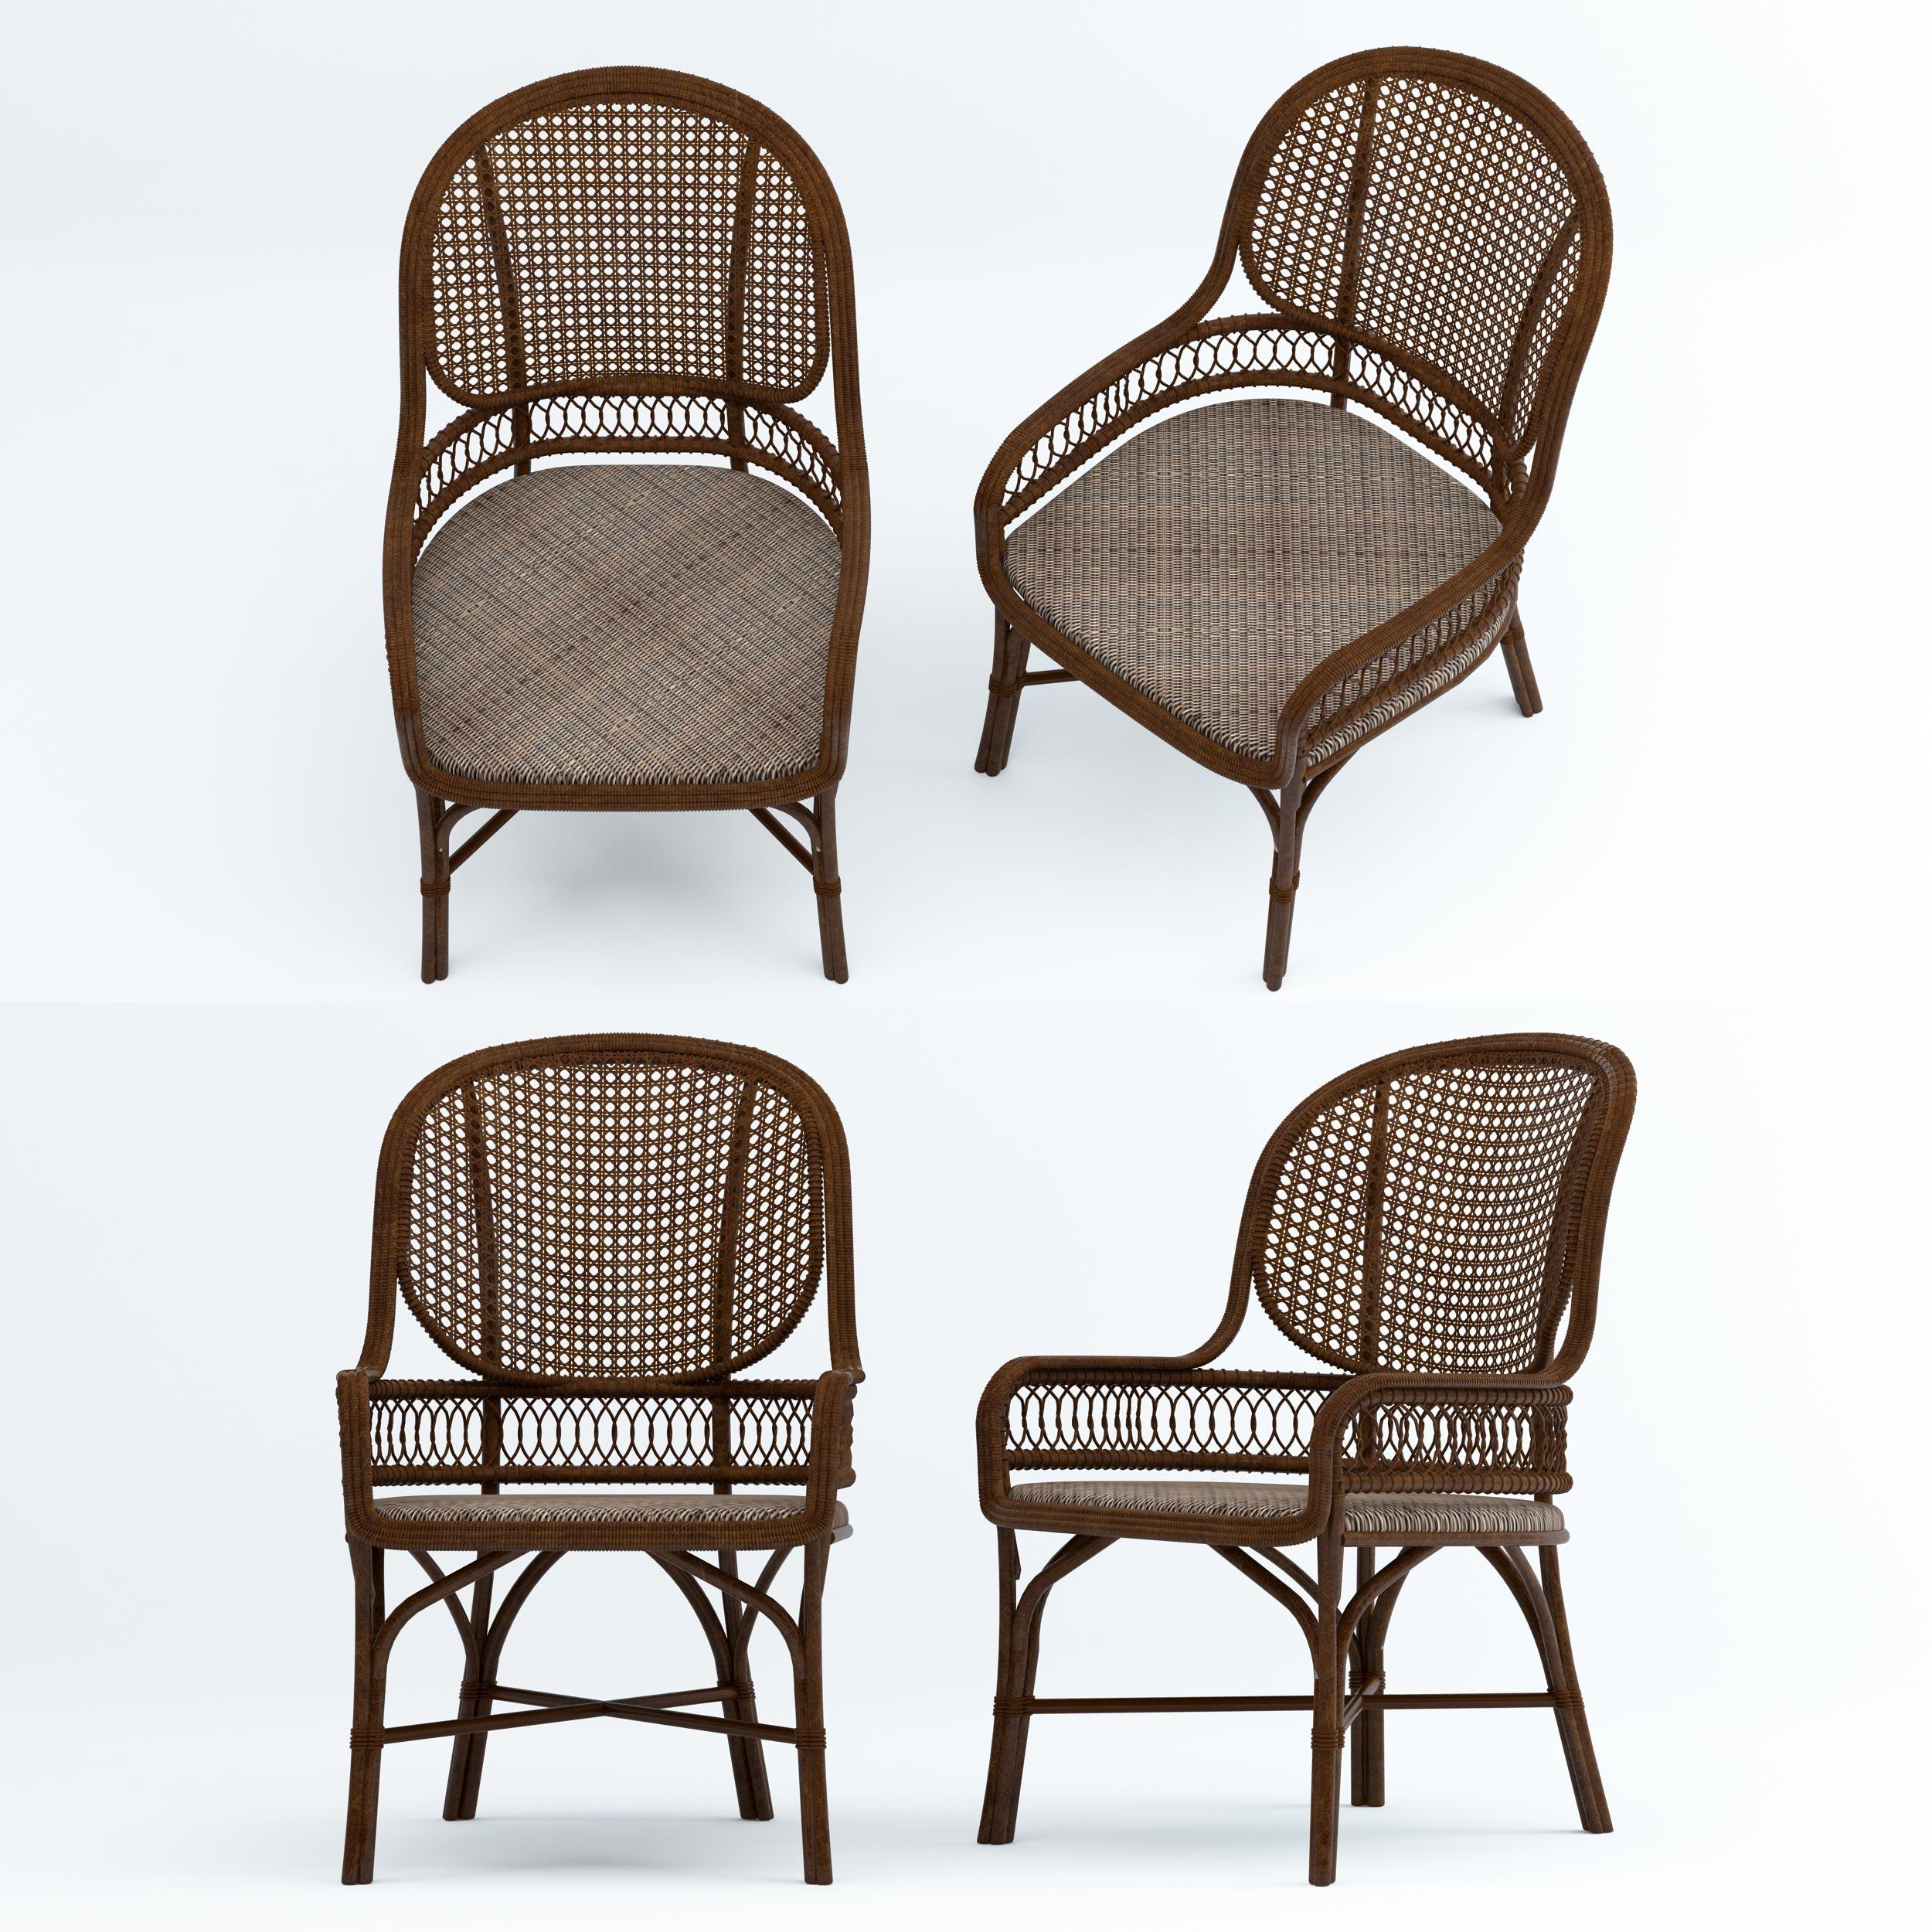 indoor-Wicker-chair